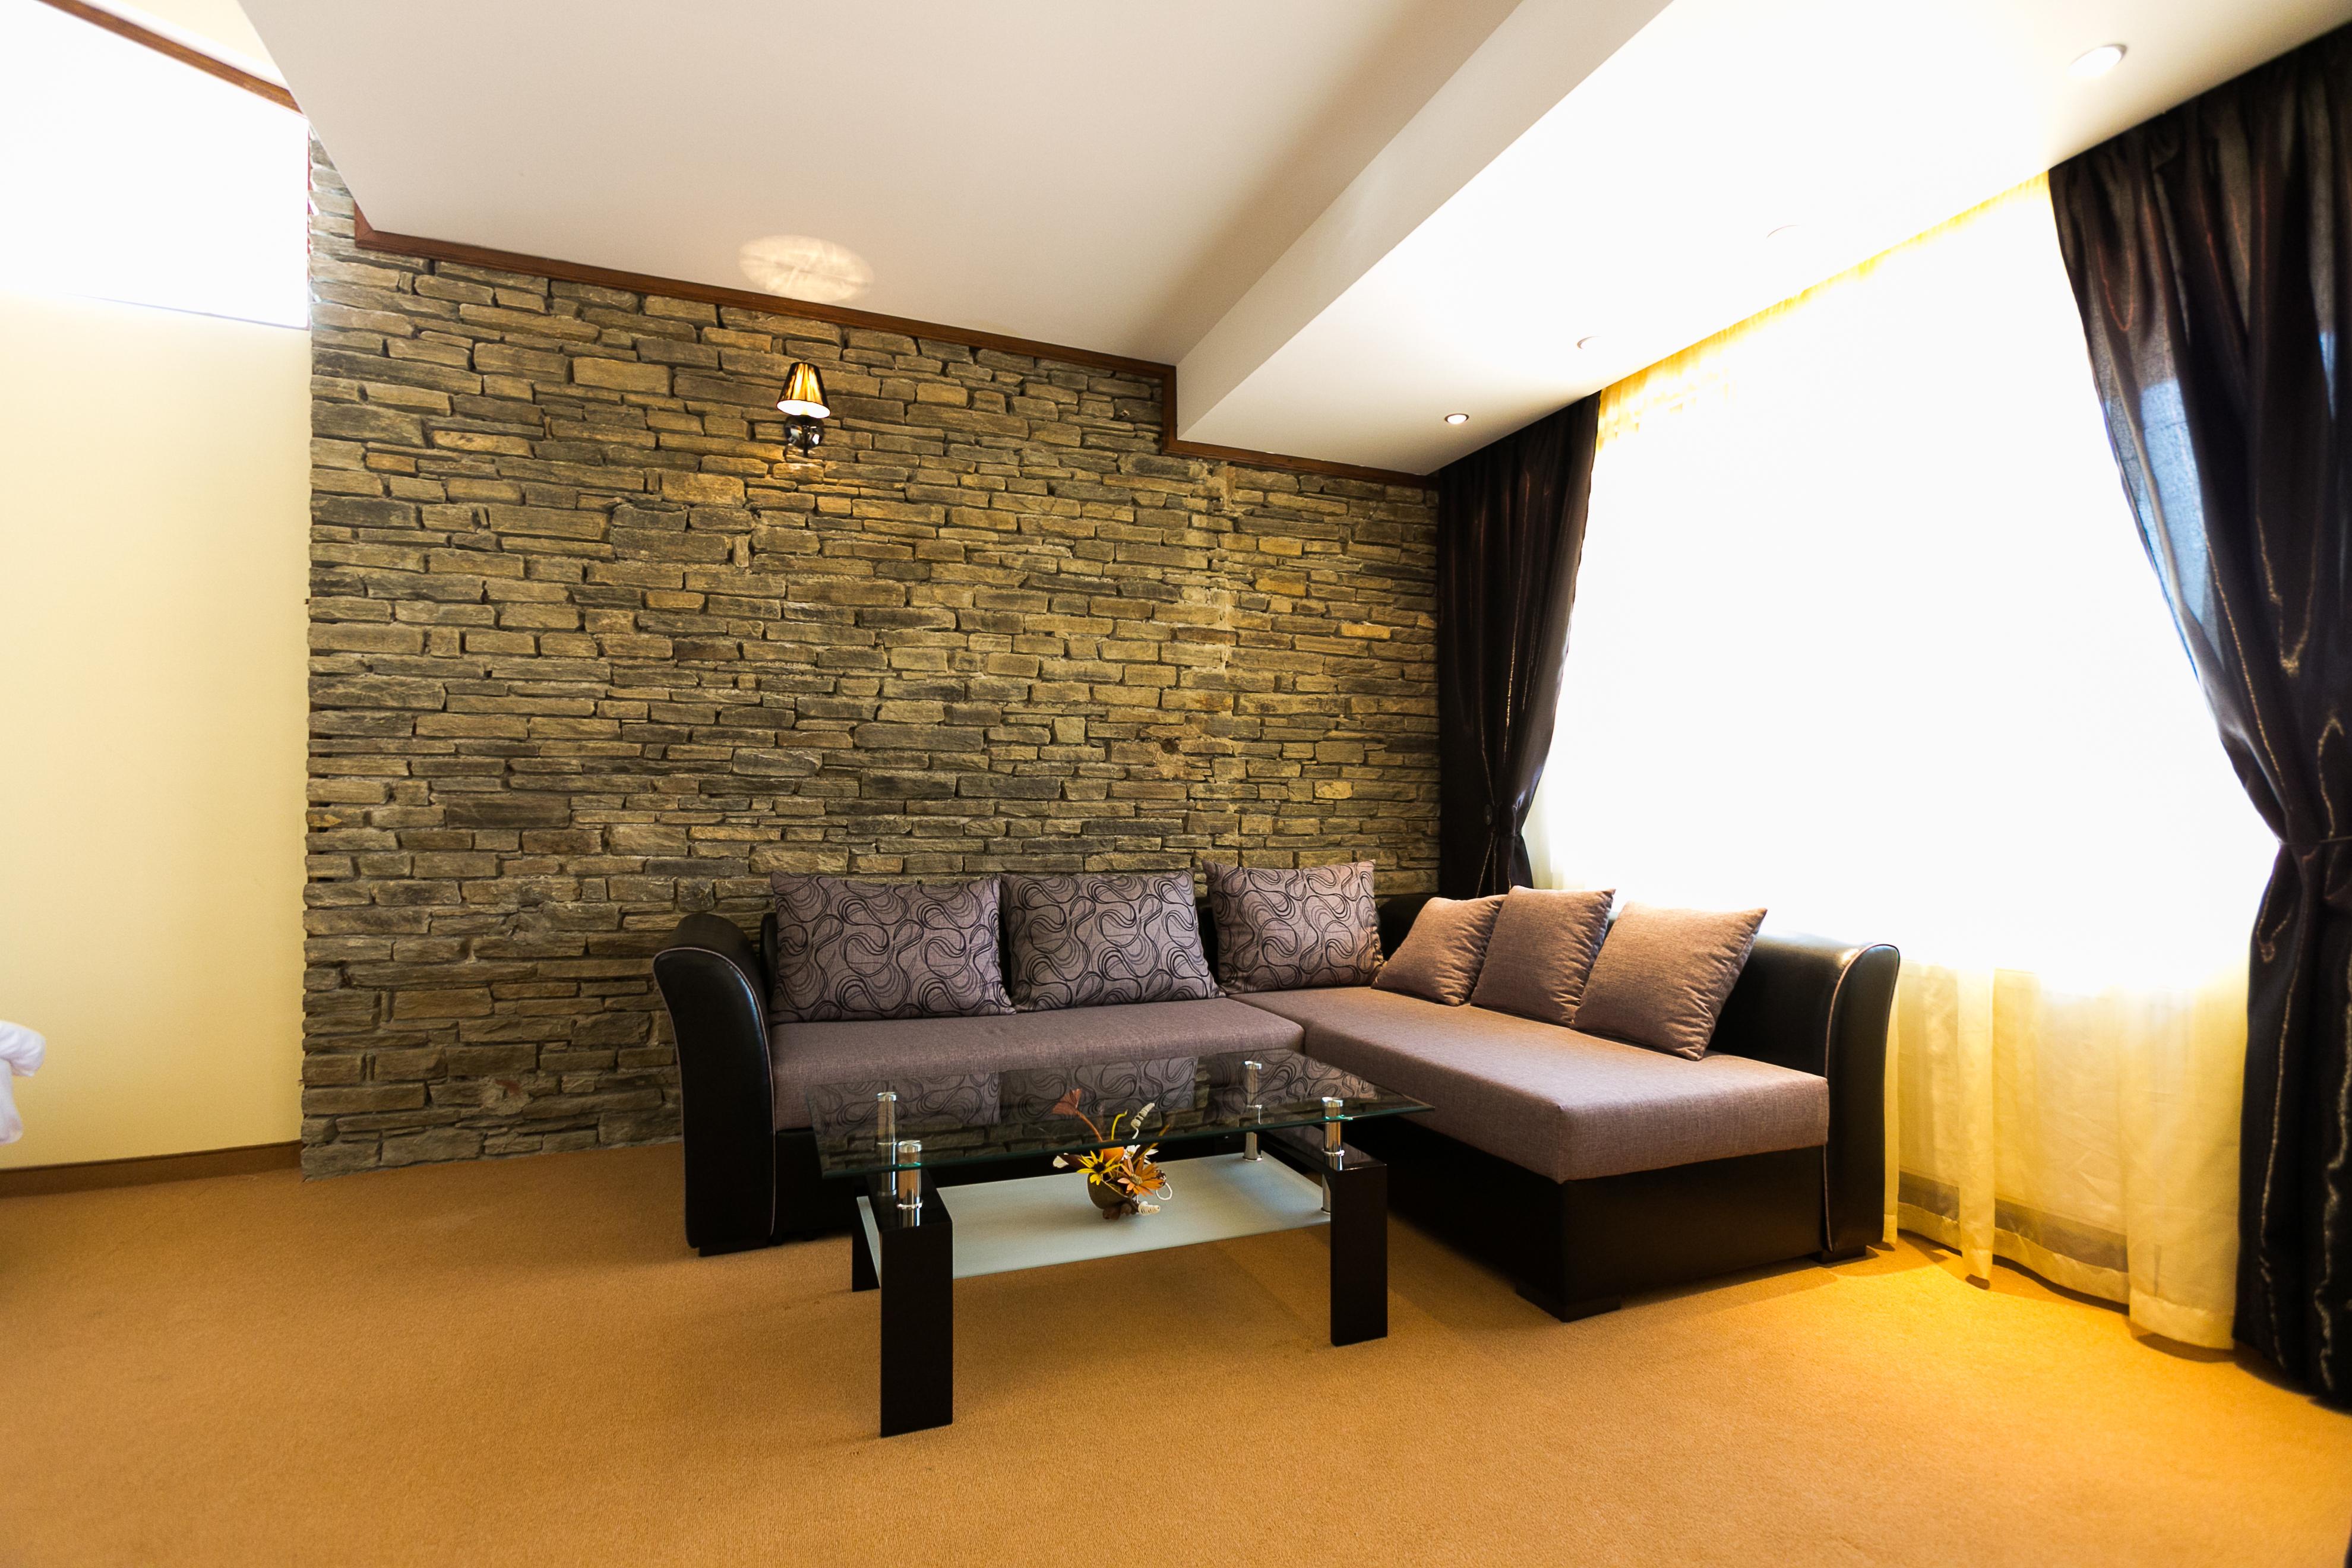 http://hotelparadise.bg/wp-content/uploads/2016/08/cauch.jpg